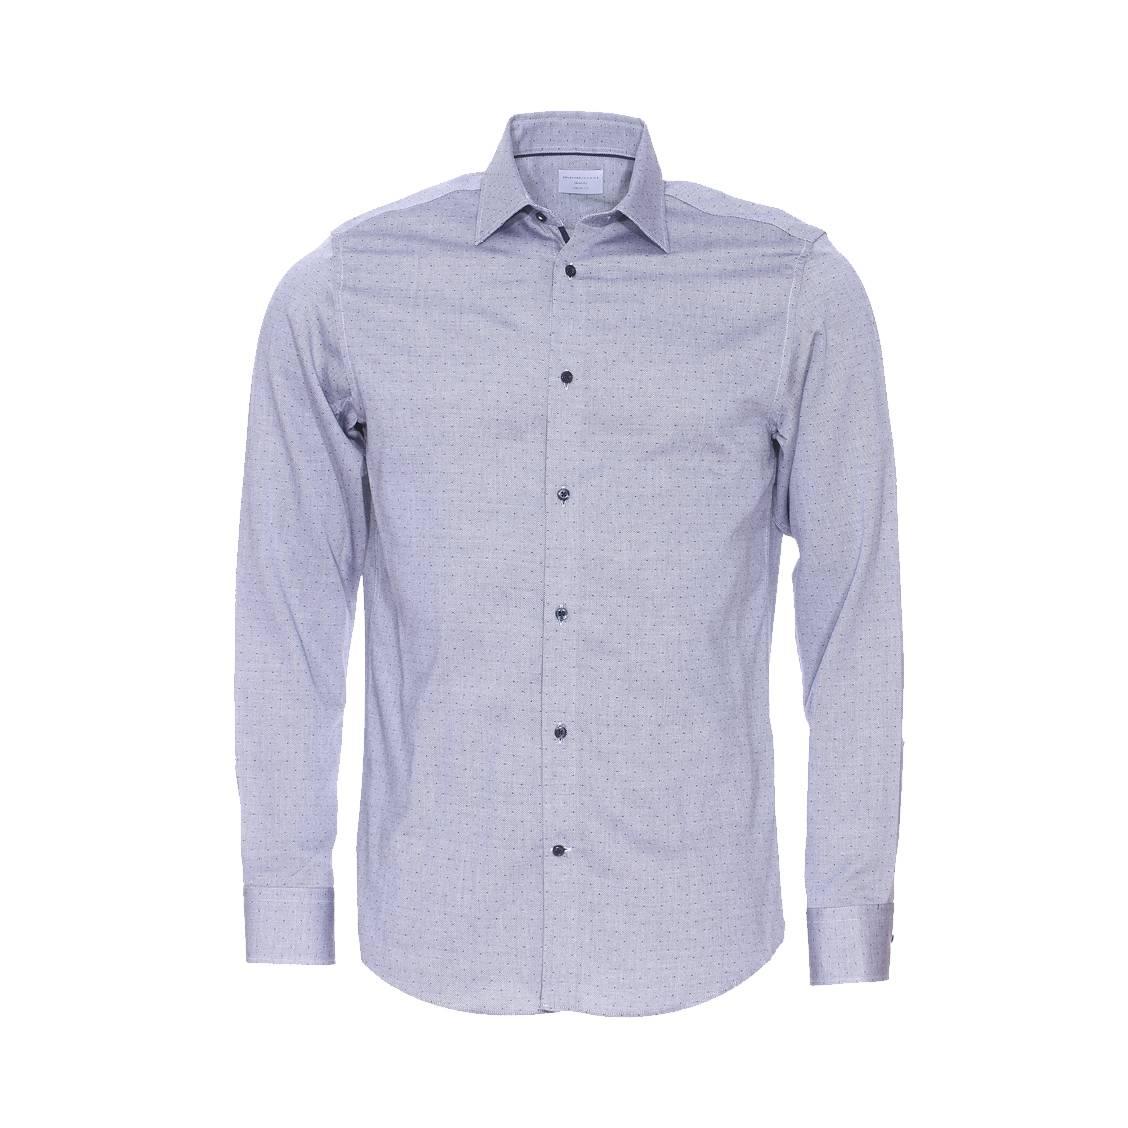 Chemise ajustée  en coton gris à petits motifs